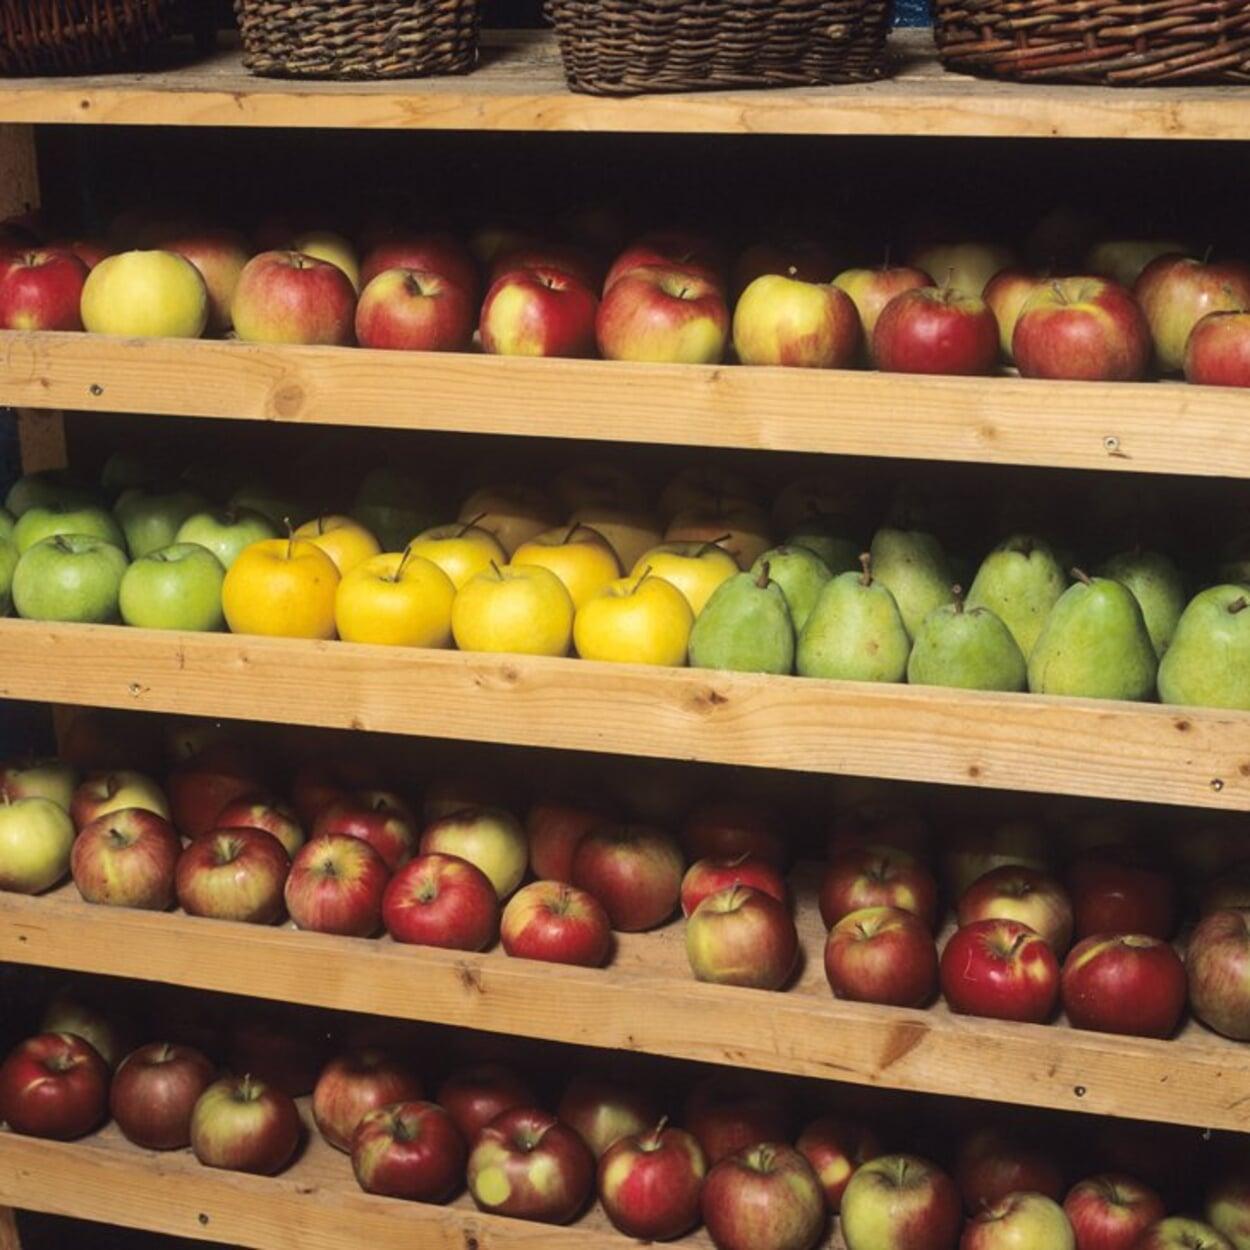 Äpfel in Holzkisten lagern